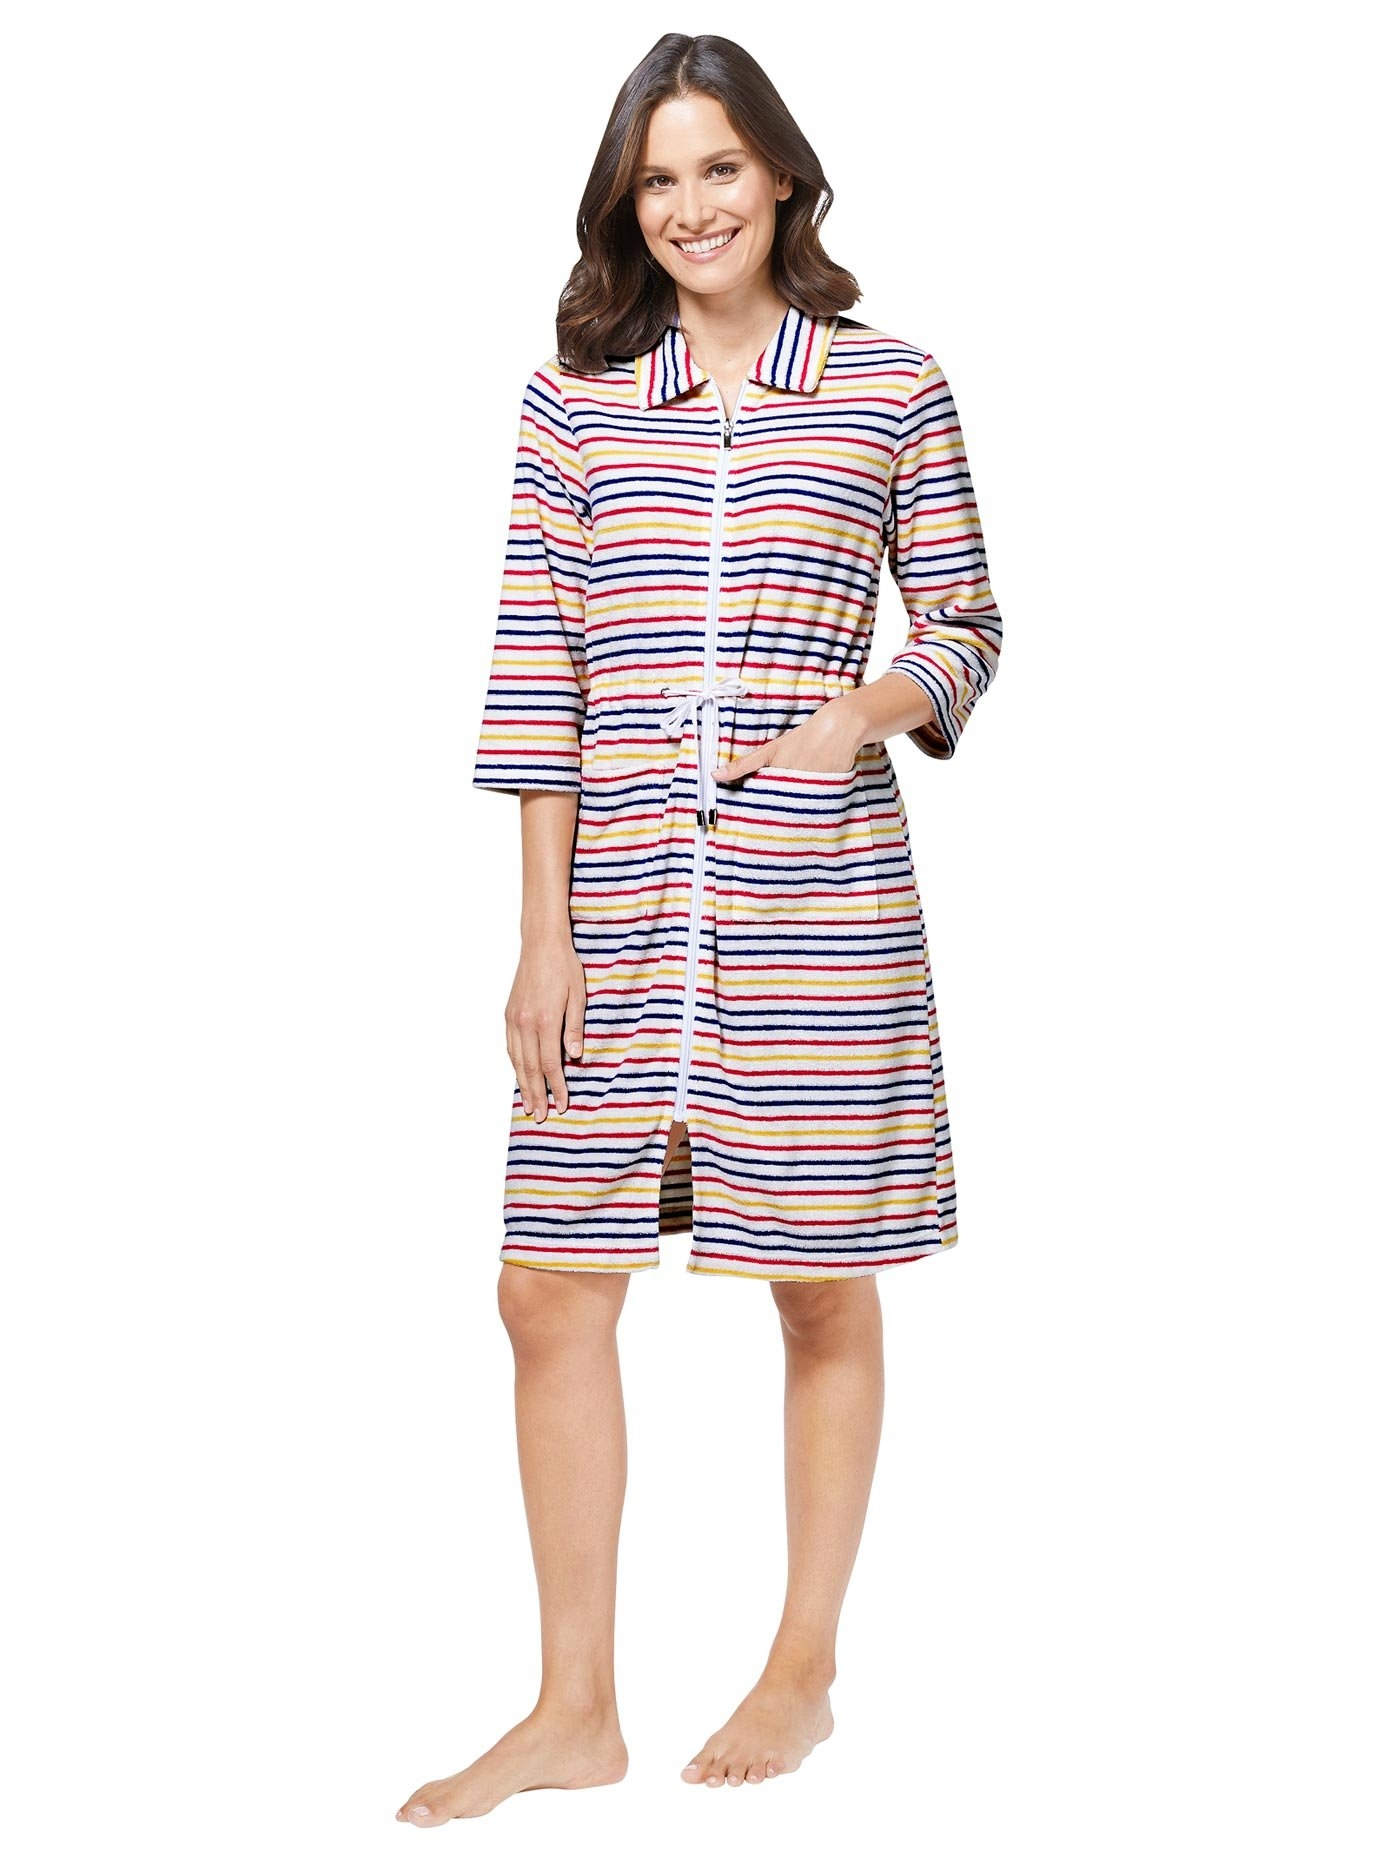 feel good damesbadjas voordelig en veilig online kopen